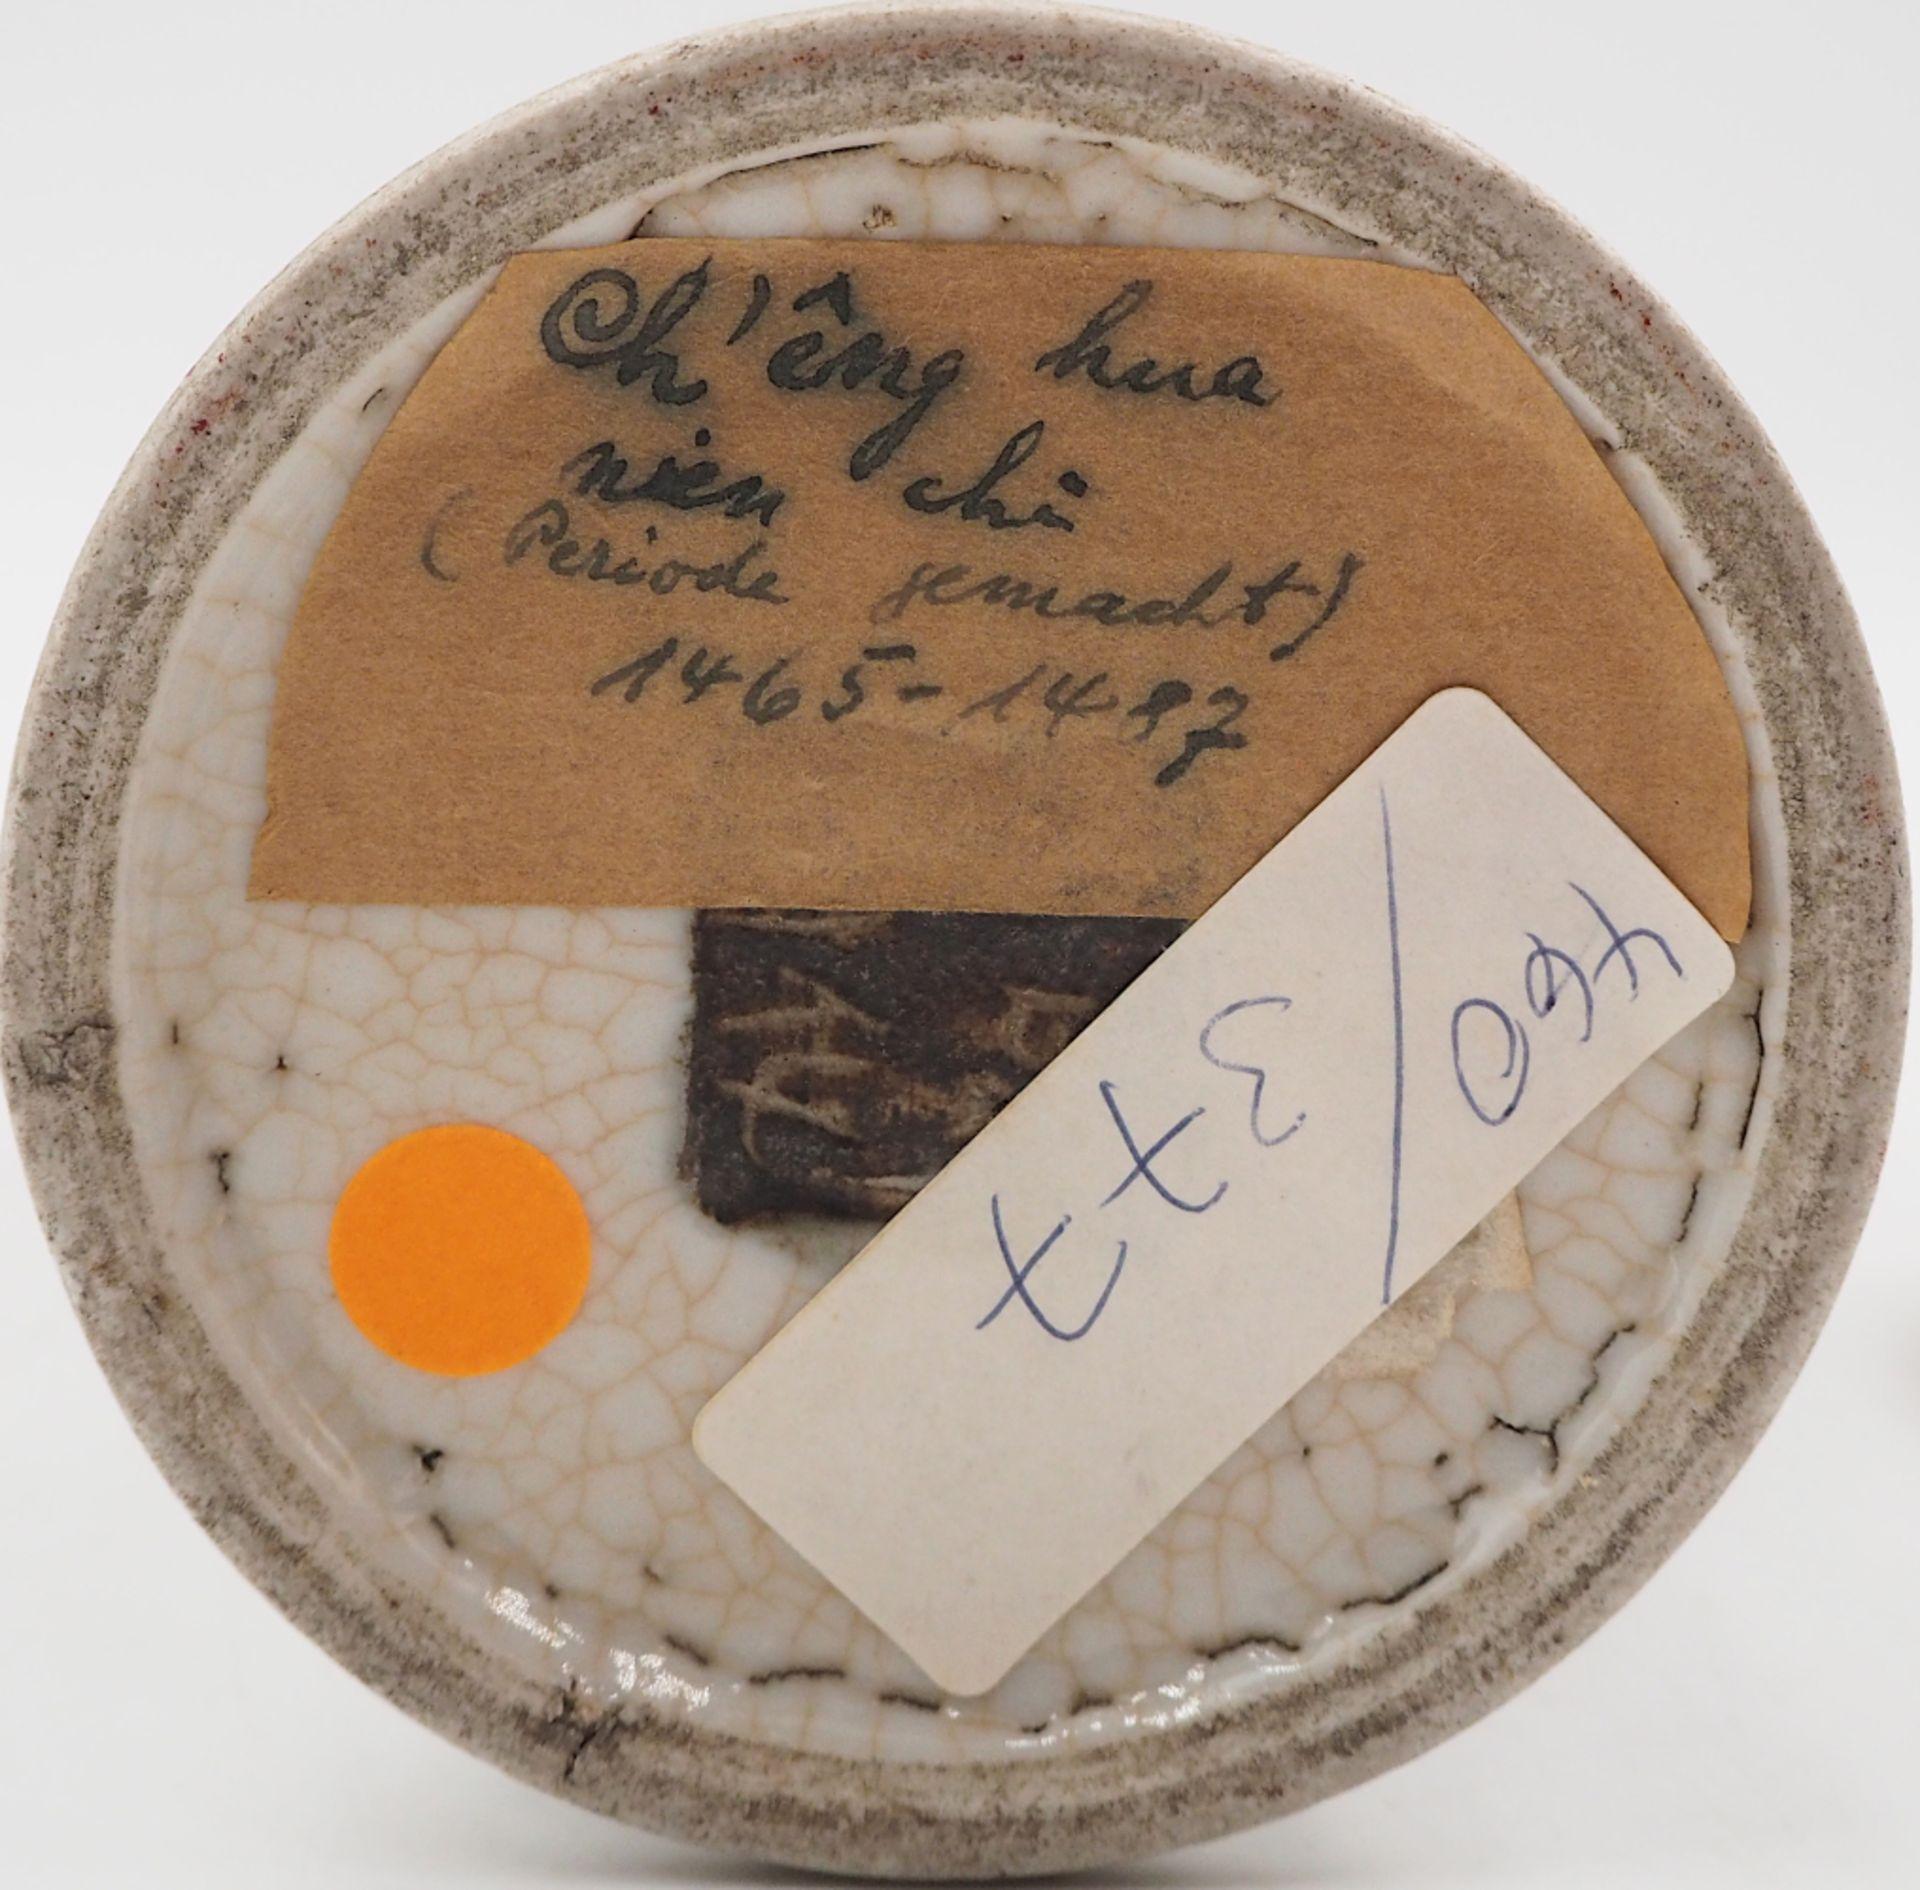 """1 kleine Deckelvase Porzellan, auf Boden mit Klebezettel bezeichnet: """"Ch'êng hua - Bild 2 aus 4"""